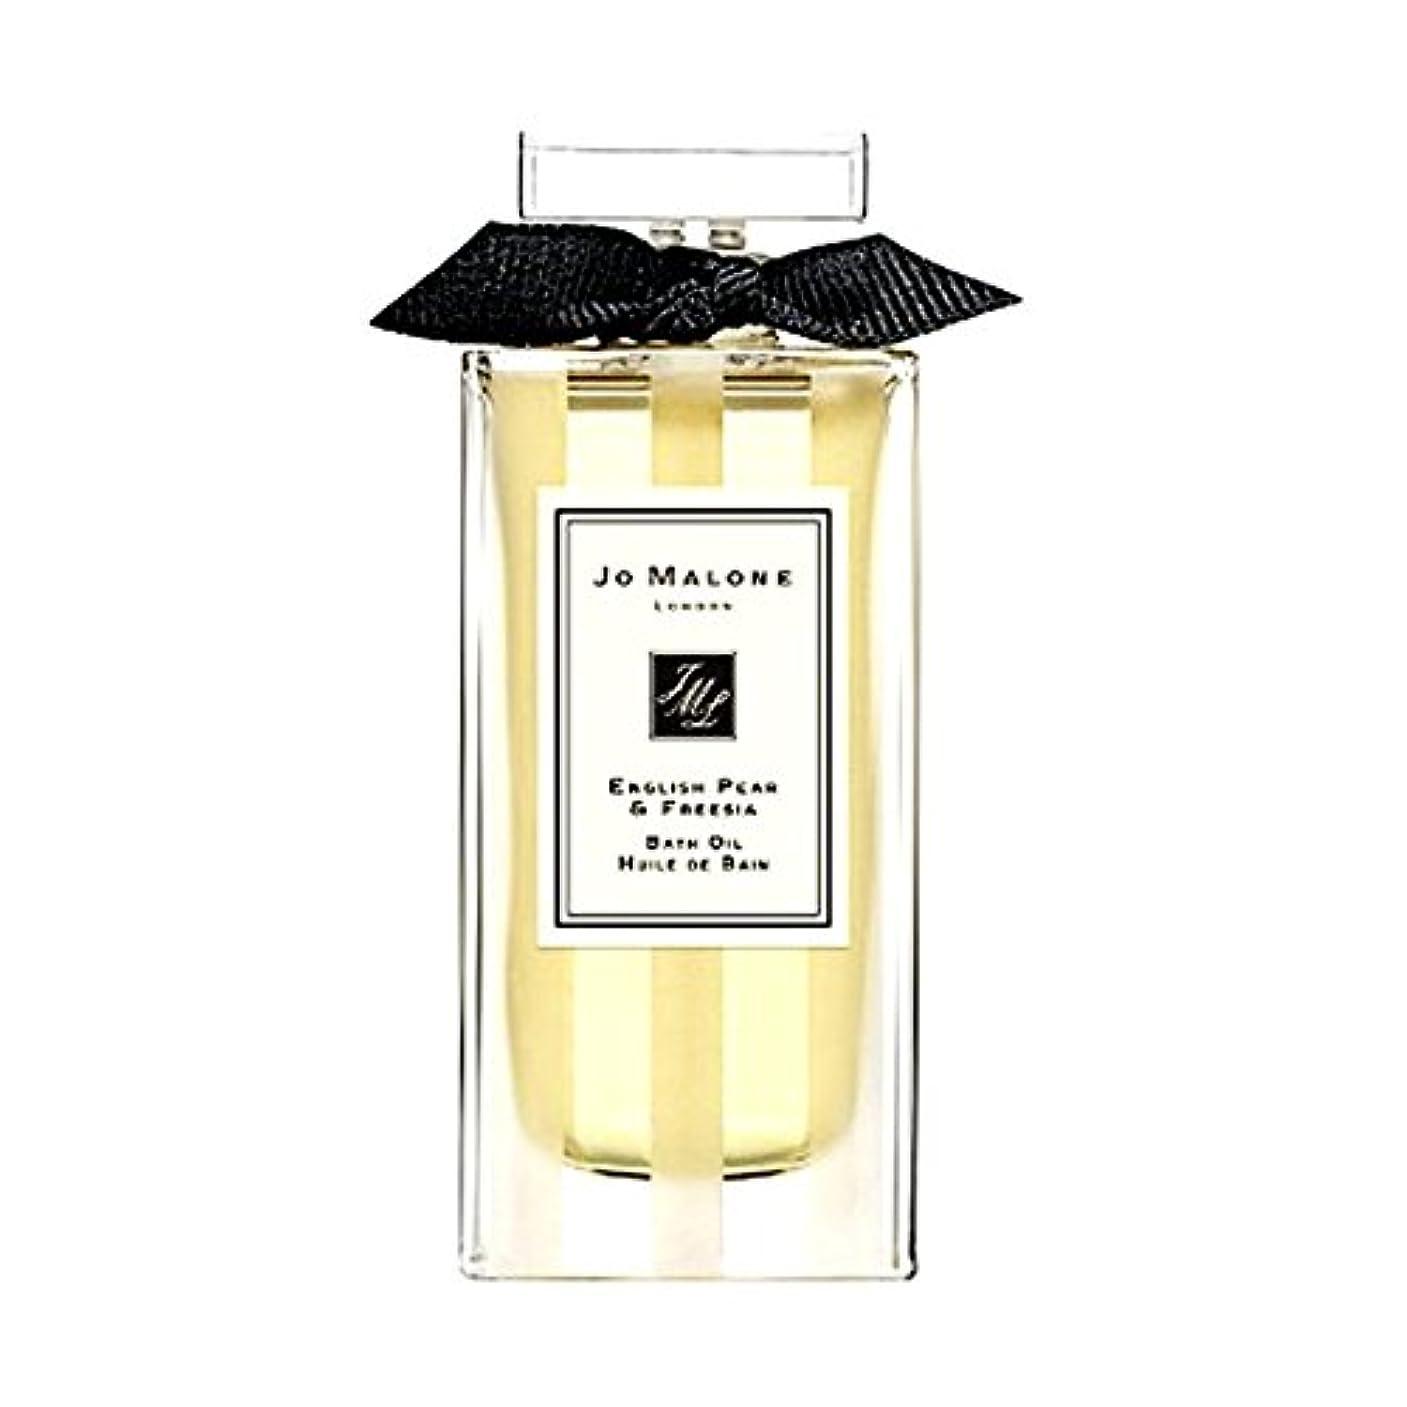 認める適応的抜け目のないJo Maloneジョーマローン, バスオイル -英語梨&フリージア (30ml),' English Pear & Freesia' Bath Oil (1oz) [海外直送品] [並行輸入品]